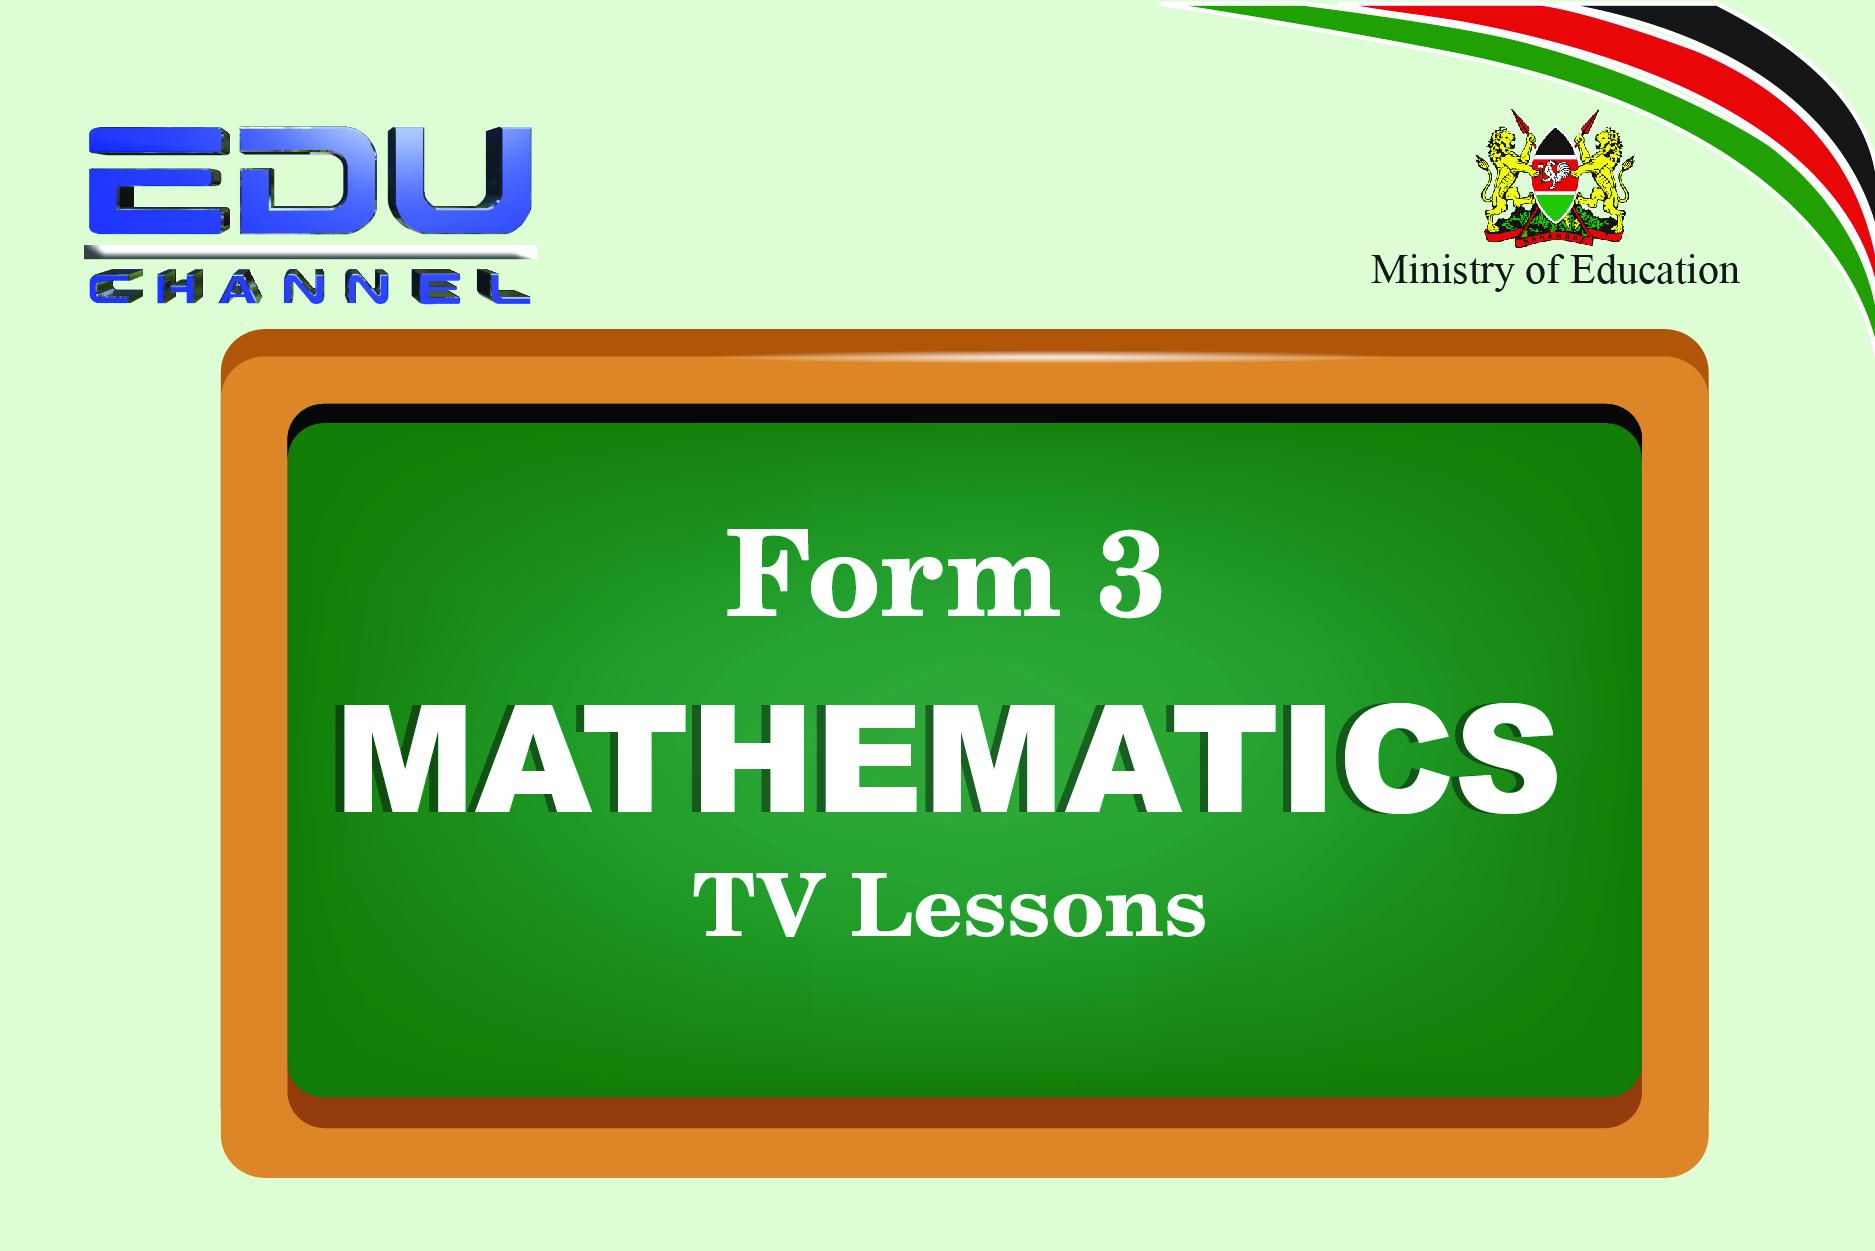 Form 3 Mathematics Lesson 1:Surds